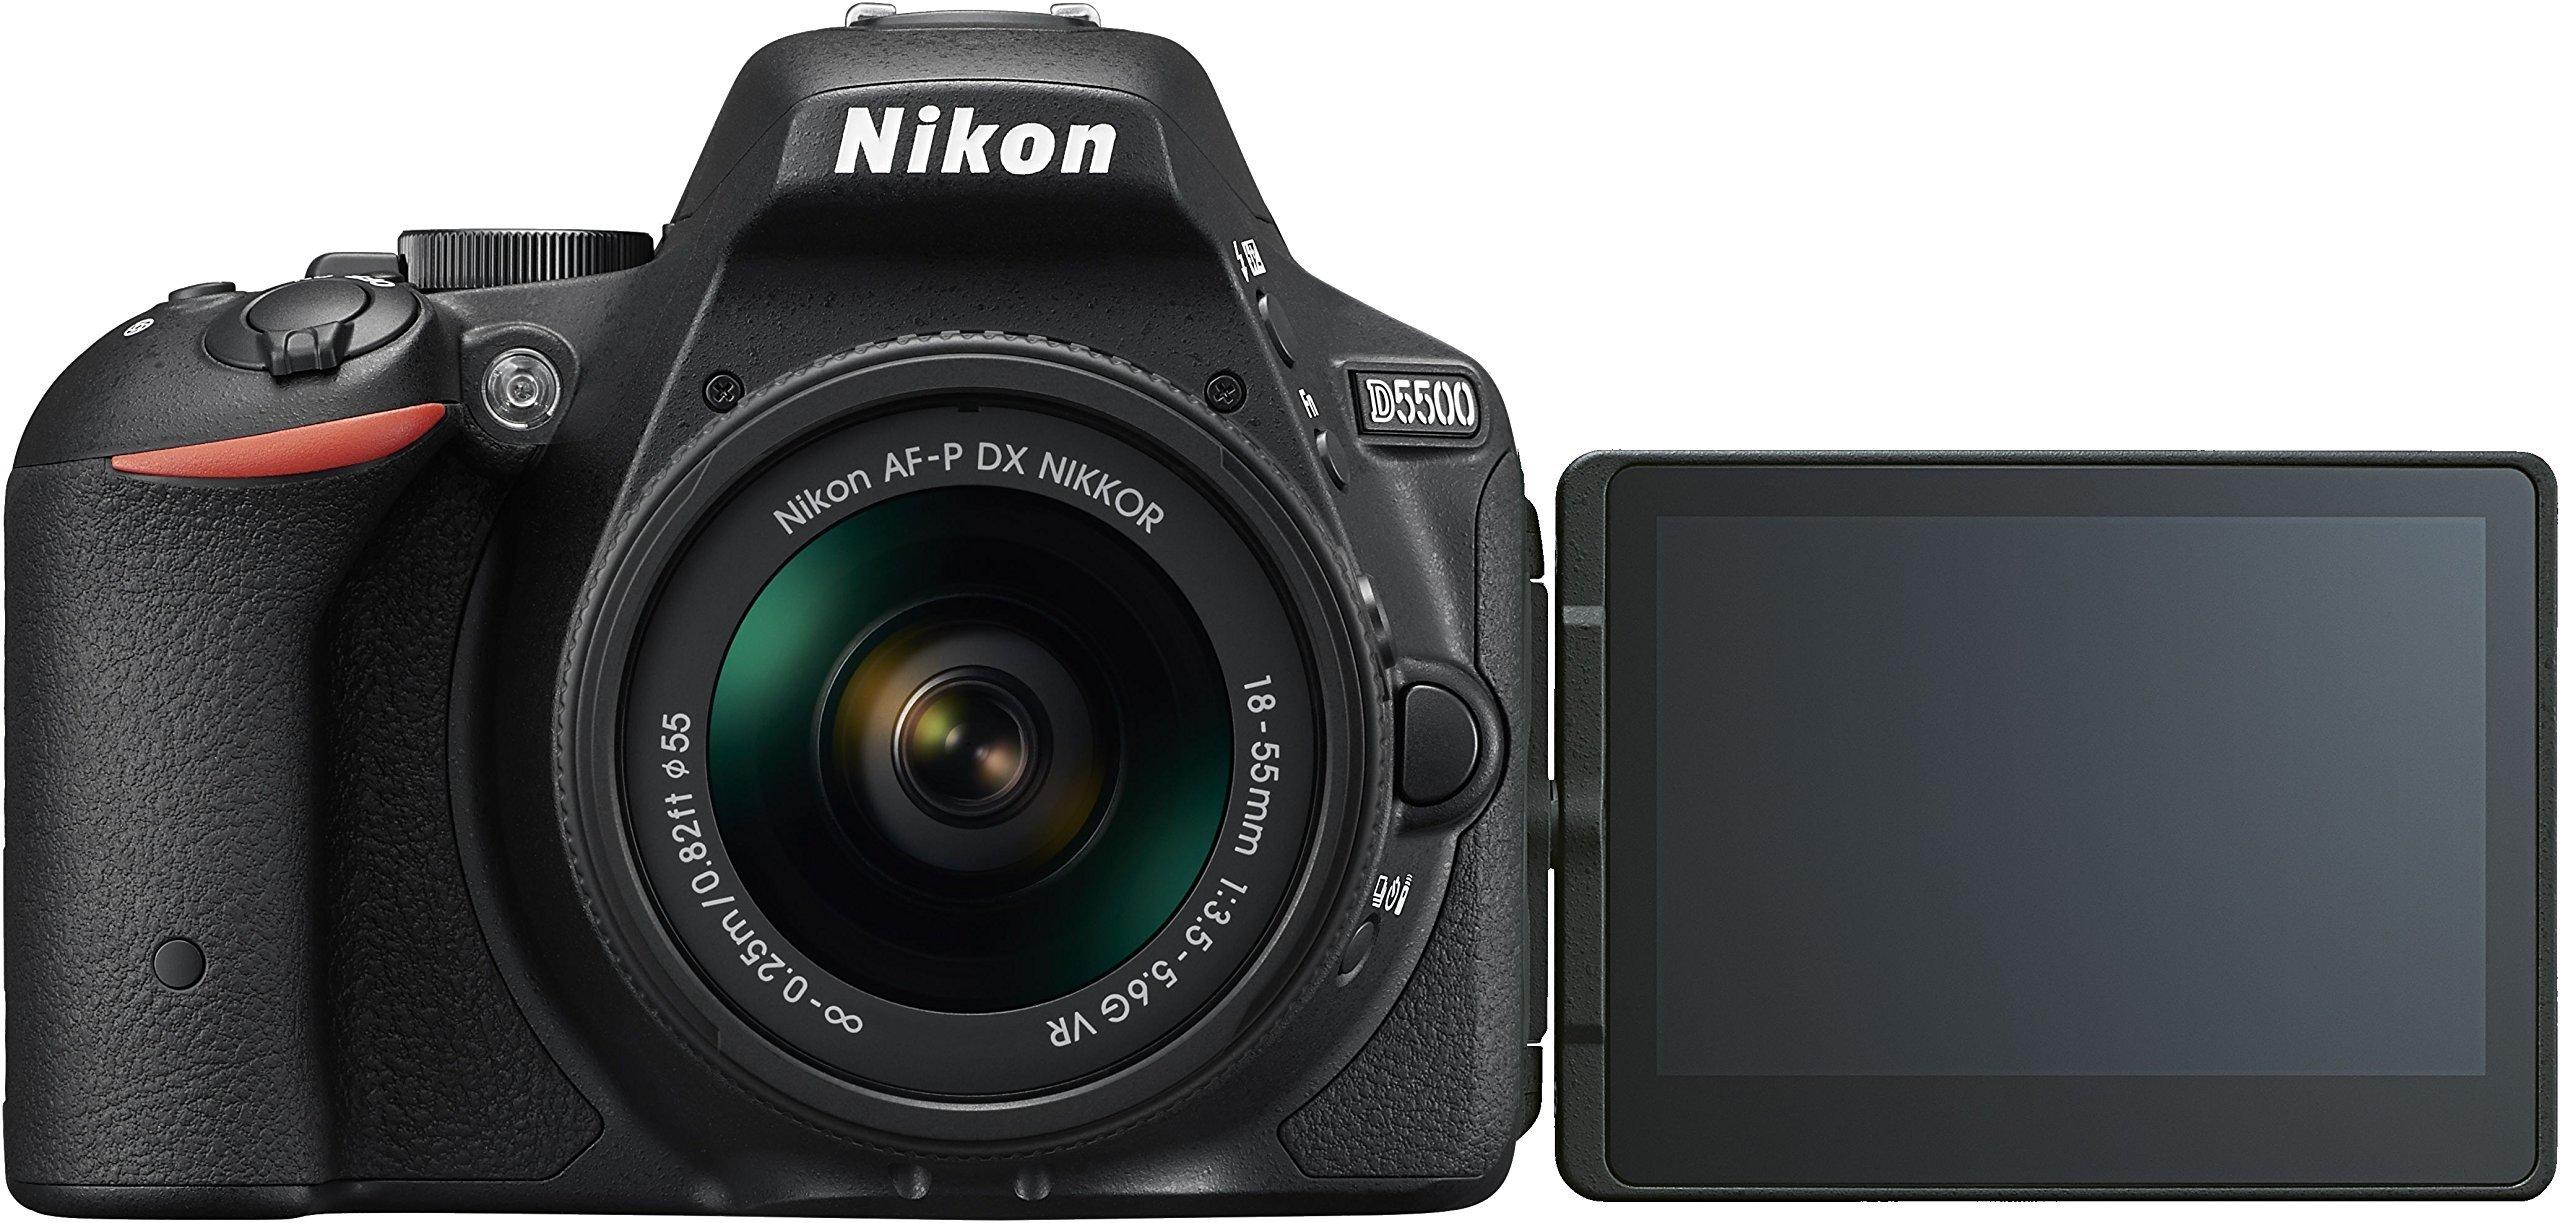 Nikon D5500 + Nikkor 18-55 VR Fotocamera Reflex Digitale, 24,2 Megapixel, LCD Touchscreen Regolabile, Wi-Fi Incorporato, Nero [Versione EU] product image